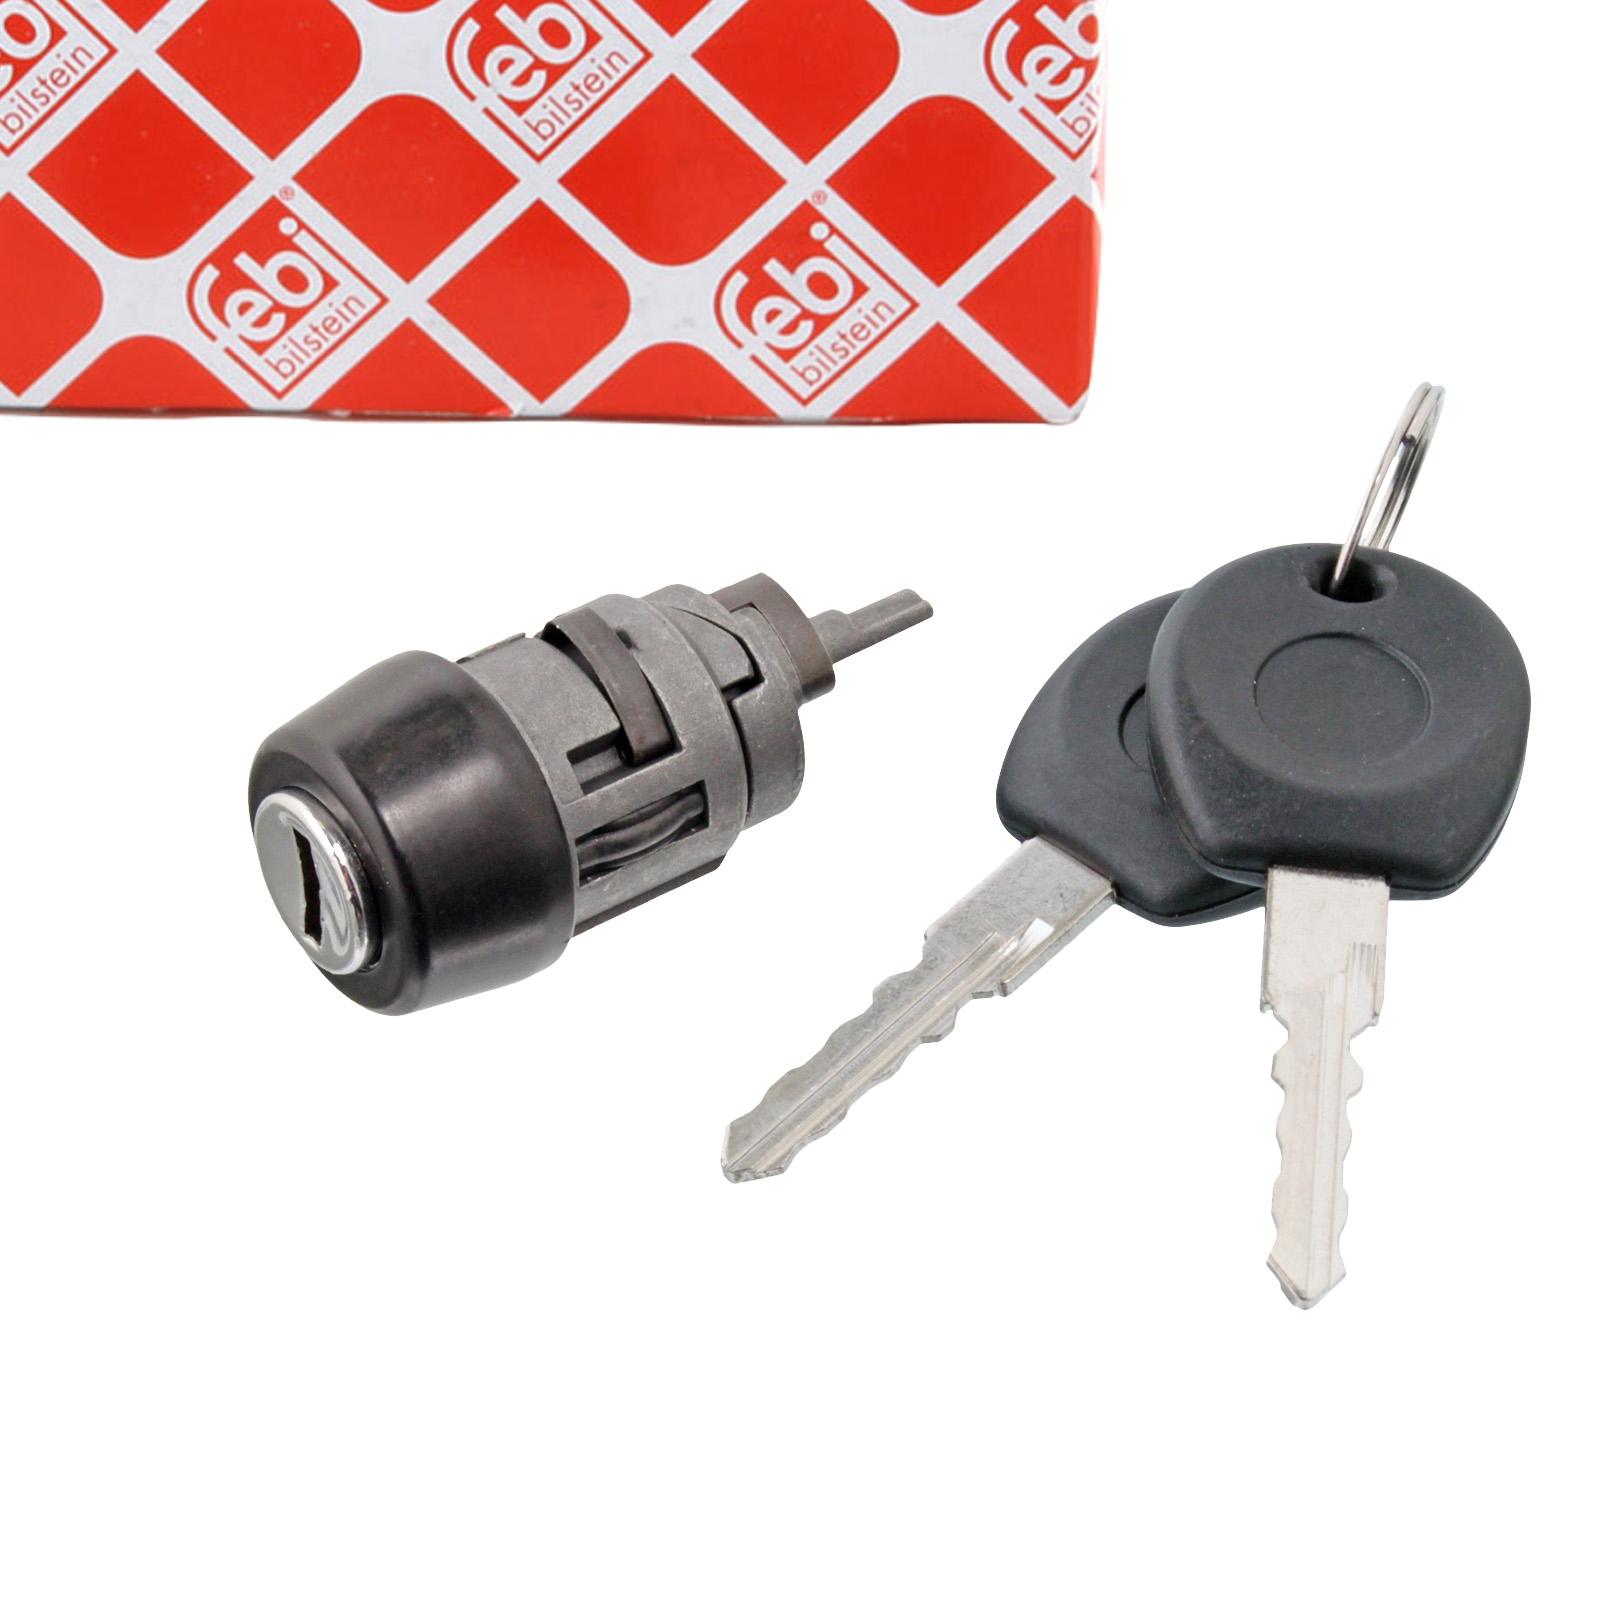 FEBI 17714 Zündschloss + 2 Schlüssel VW Passat 35i Transporter T4 Corrado